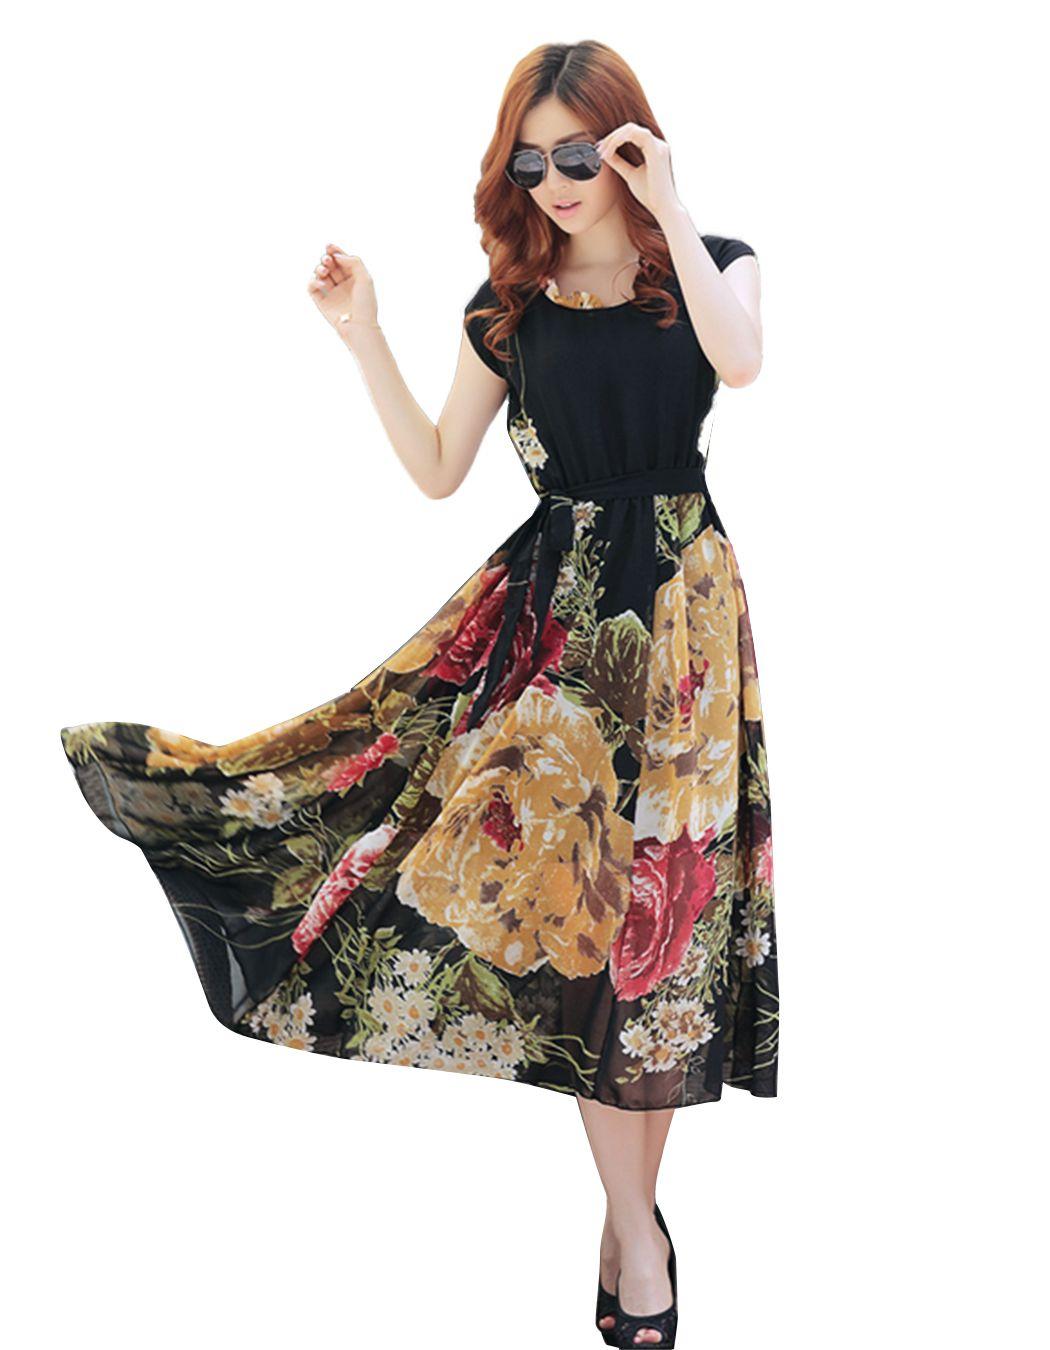 Sexy women summer casual maxi party dress beach floral dress short